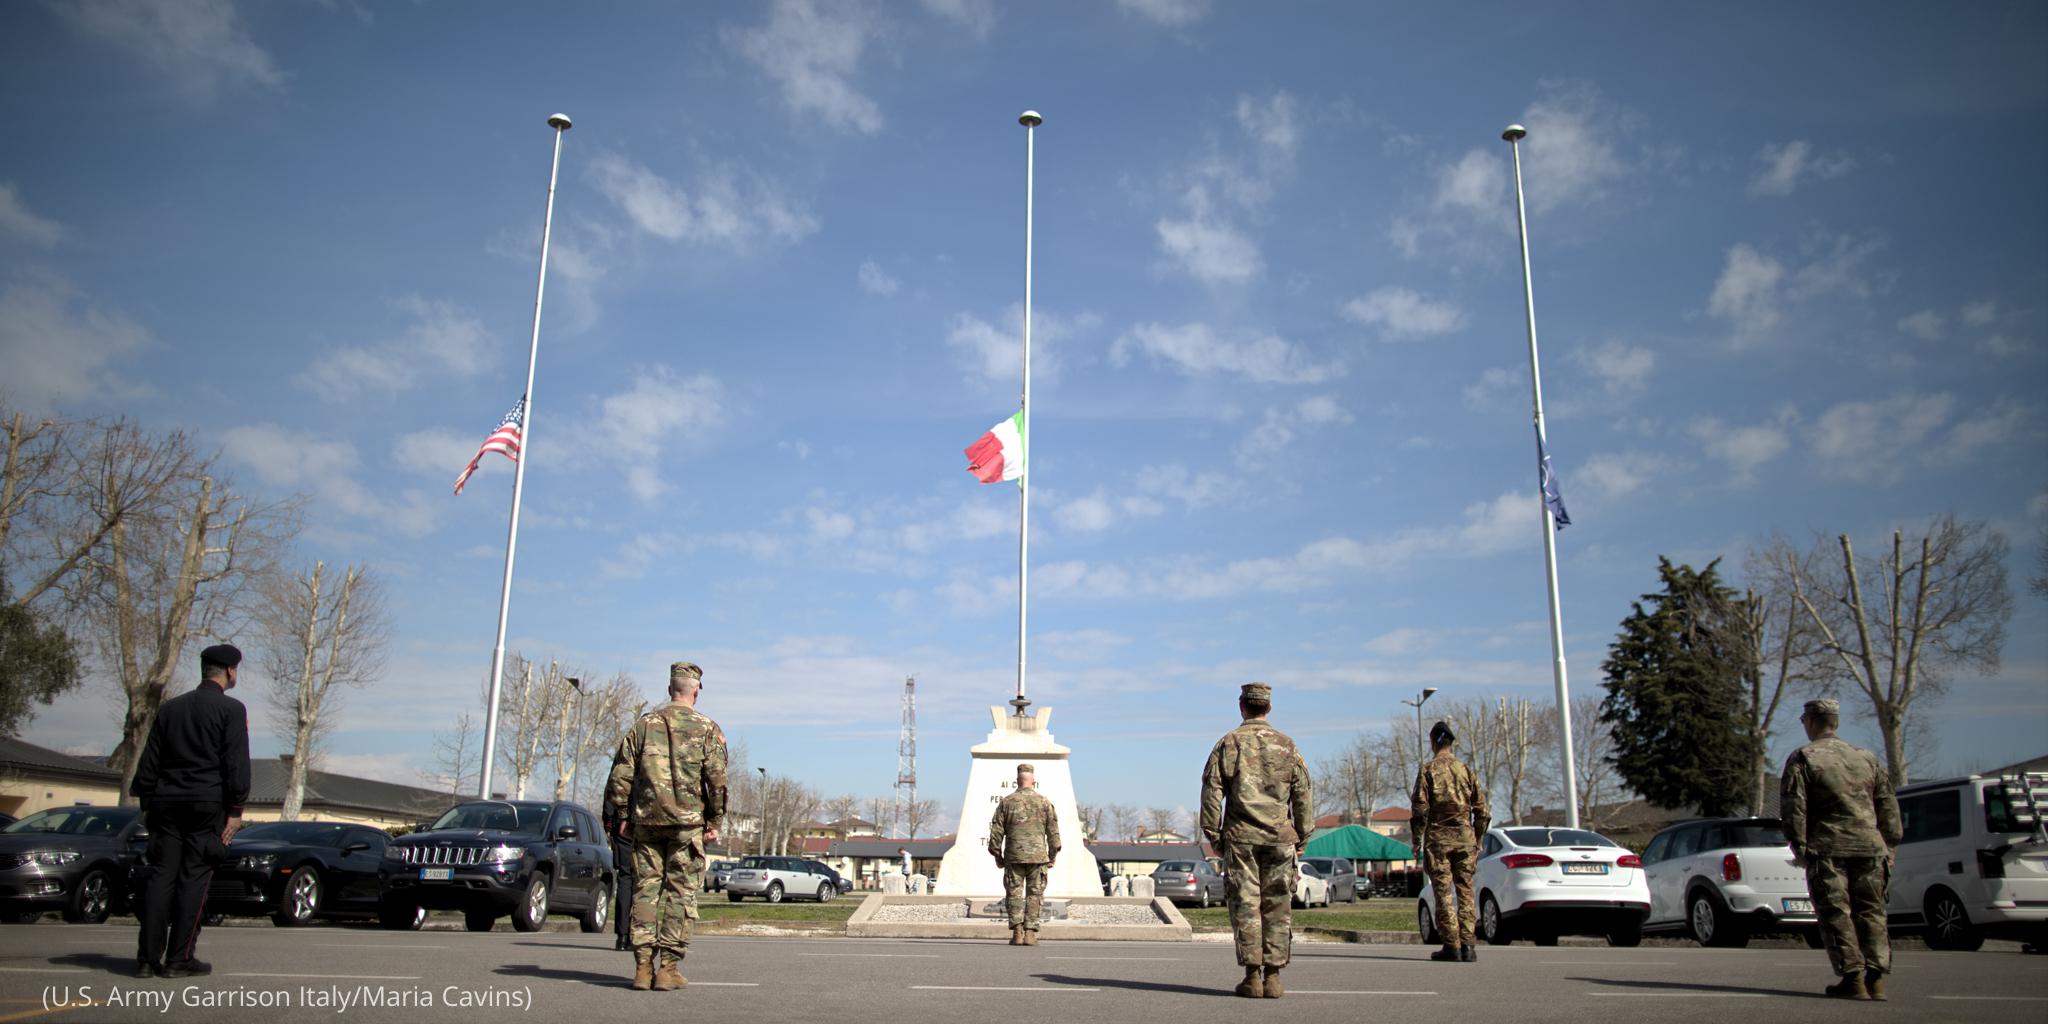 امریکی اور اطالوی فوجی کورونا وائرس سے ہلاک ہونے والوں کی یاد میں منعقد کی جانے والی ایک تقریب میں۔ (U.S. Army Garrison Italy/Maria Cavins)